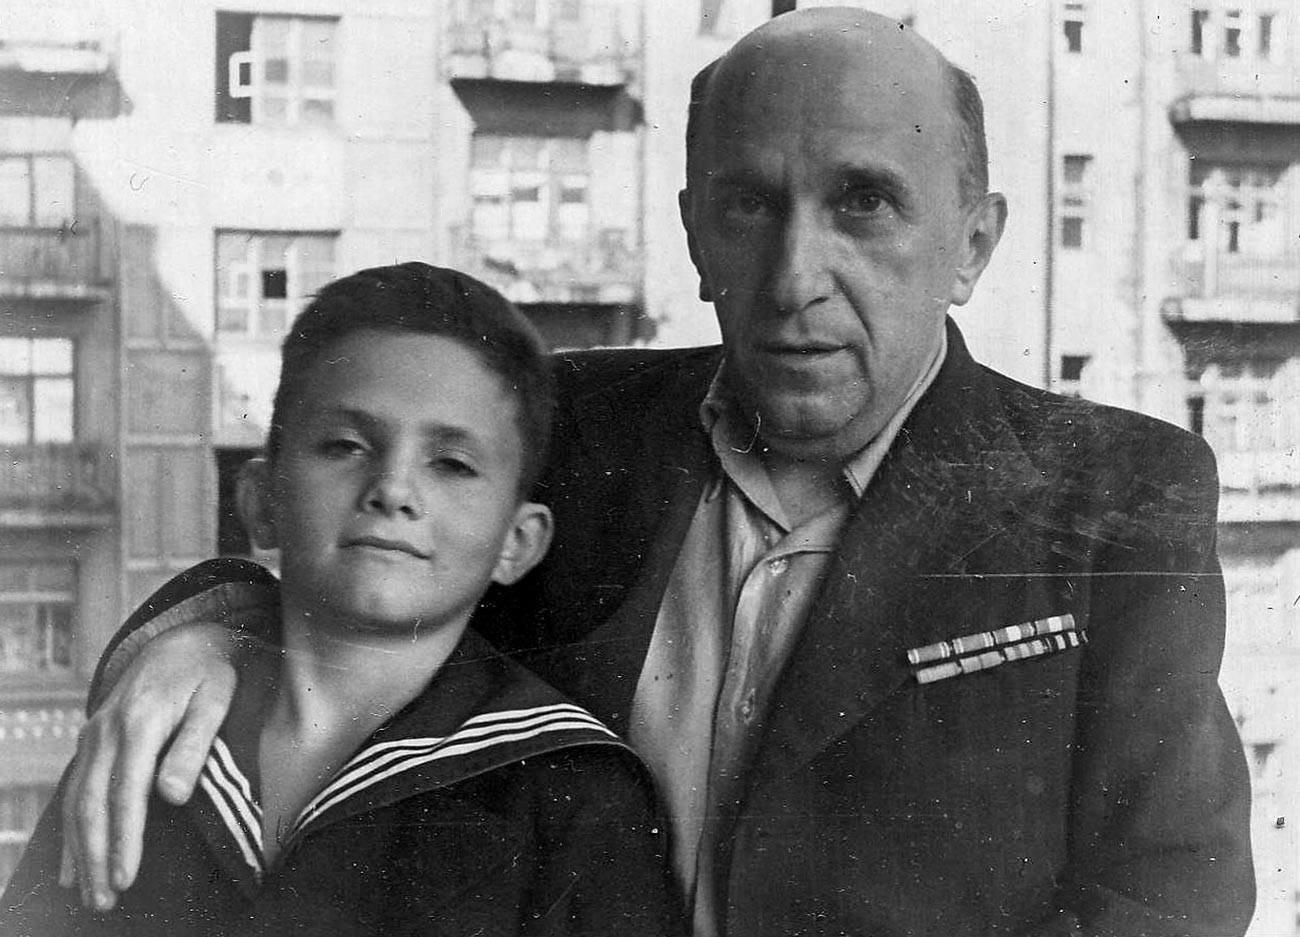 Yakov Serebryansky with his son Anatoly